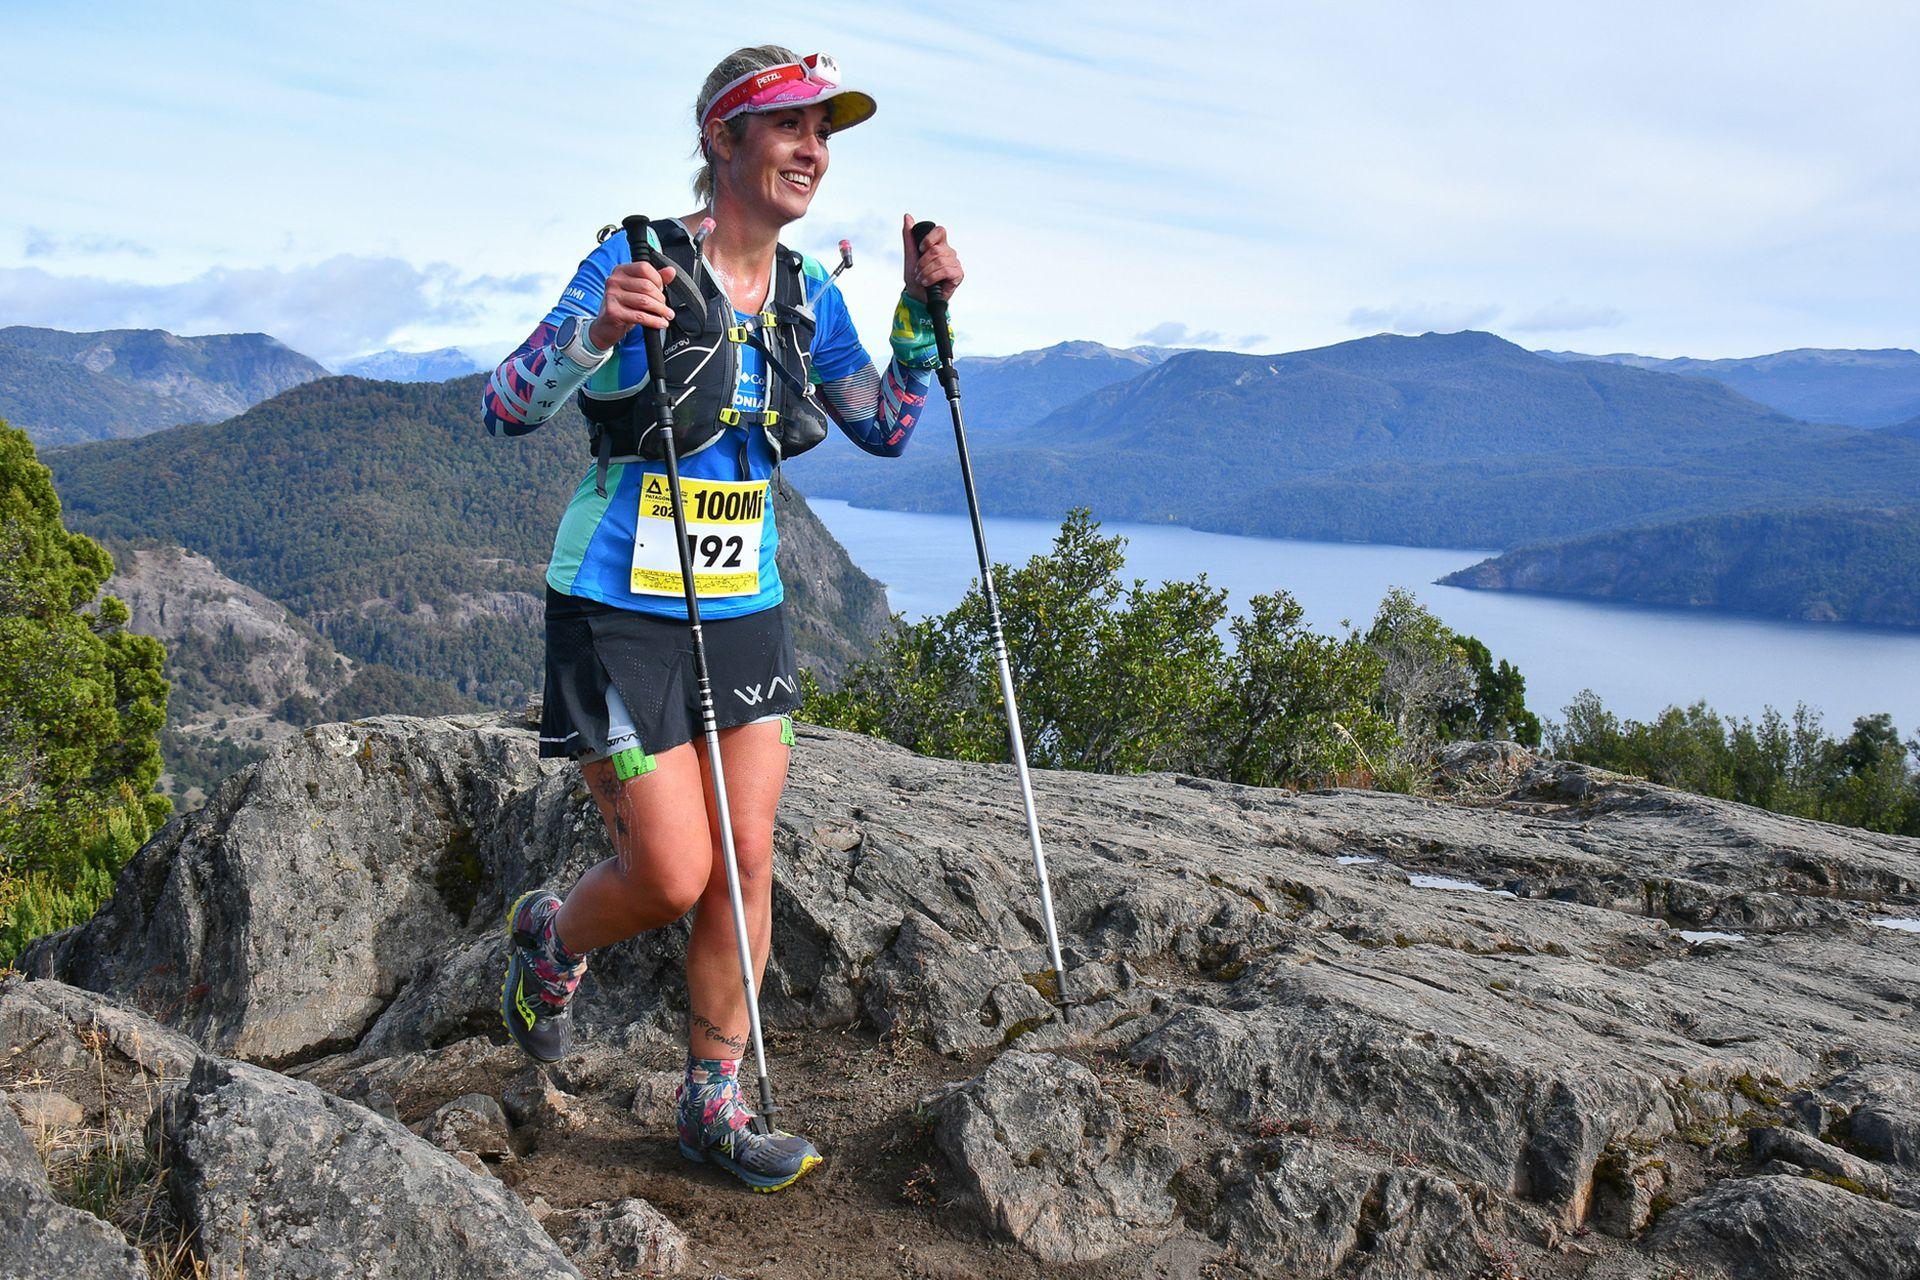 Osprey, Blackdiamond, 7 Vidas Tatoo, Best cerveza artesanal y Pircca Trail conforman la estructura de apoyo que le permite a Victoria Allen perseguir sus objetivos deportivos. En abril de 2021 Victoria Allen corrió las 100 millas de Patagonia Run.